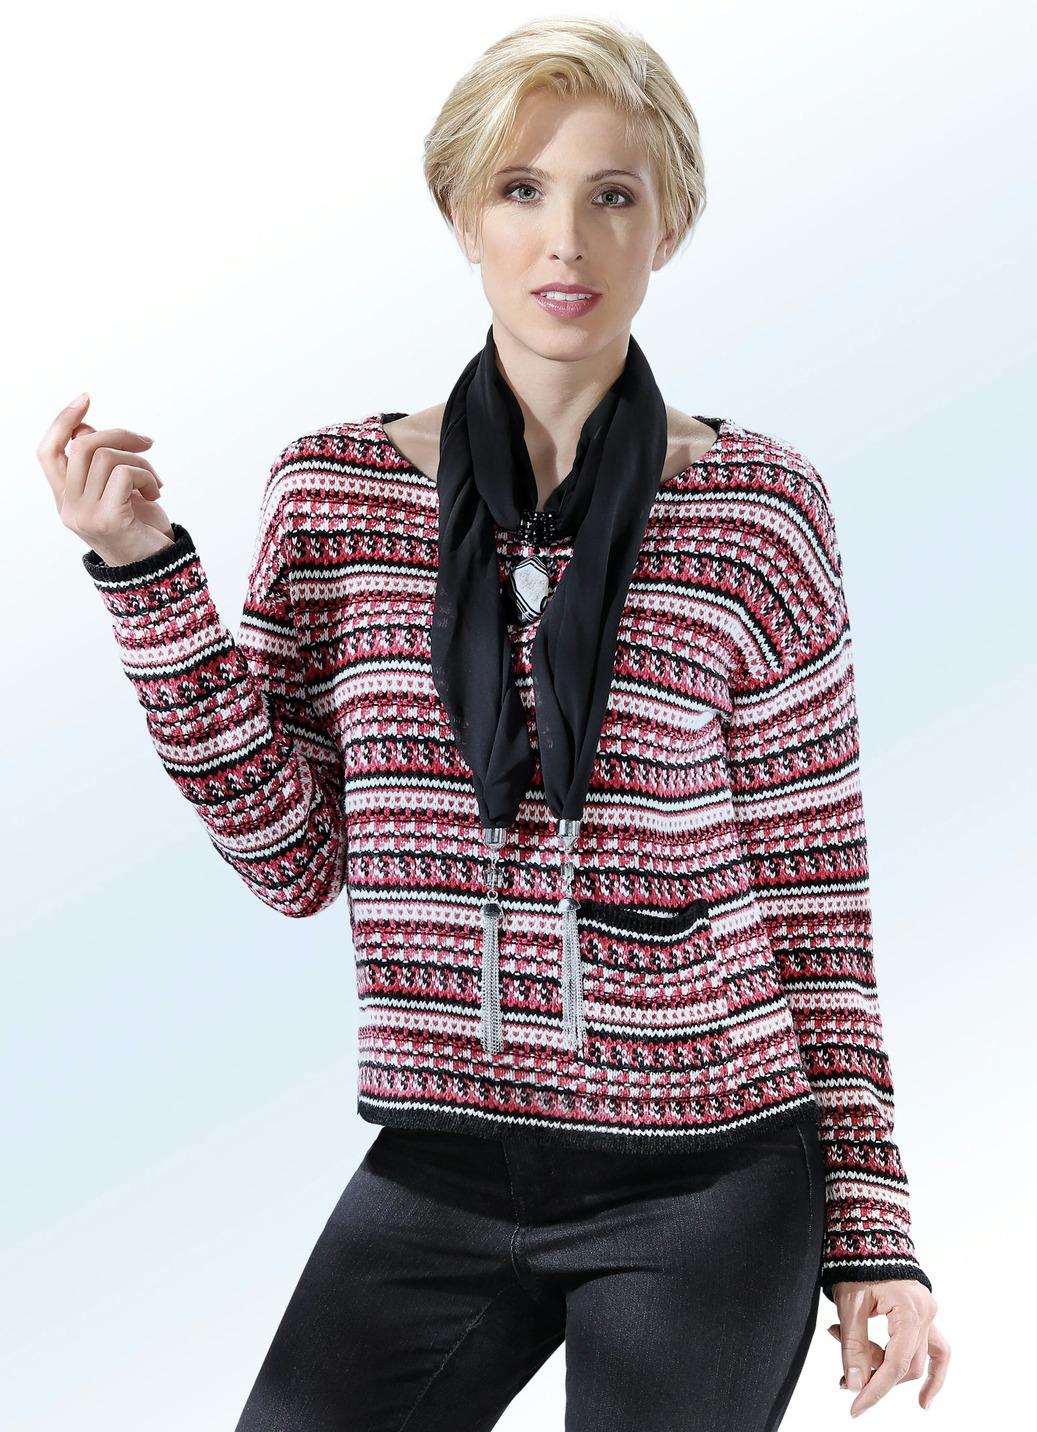 Pullover mit Mustermix allover Schwarz-Erdbeer Größe 44 Damen Preisvergleich